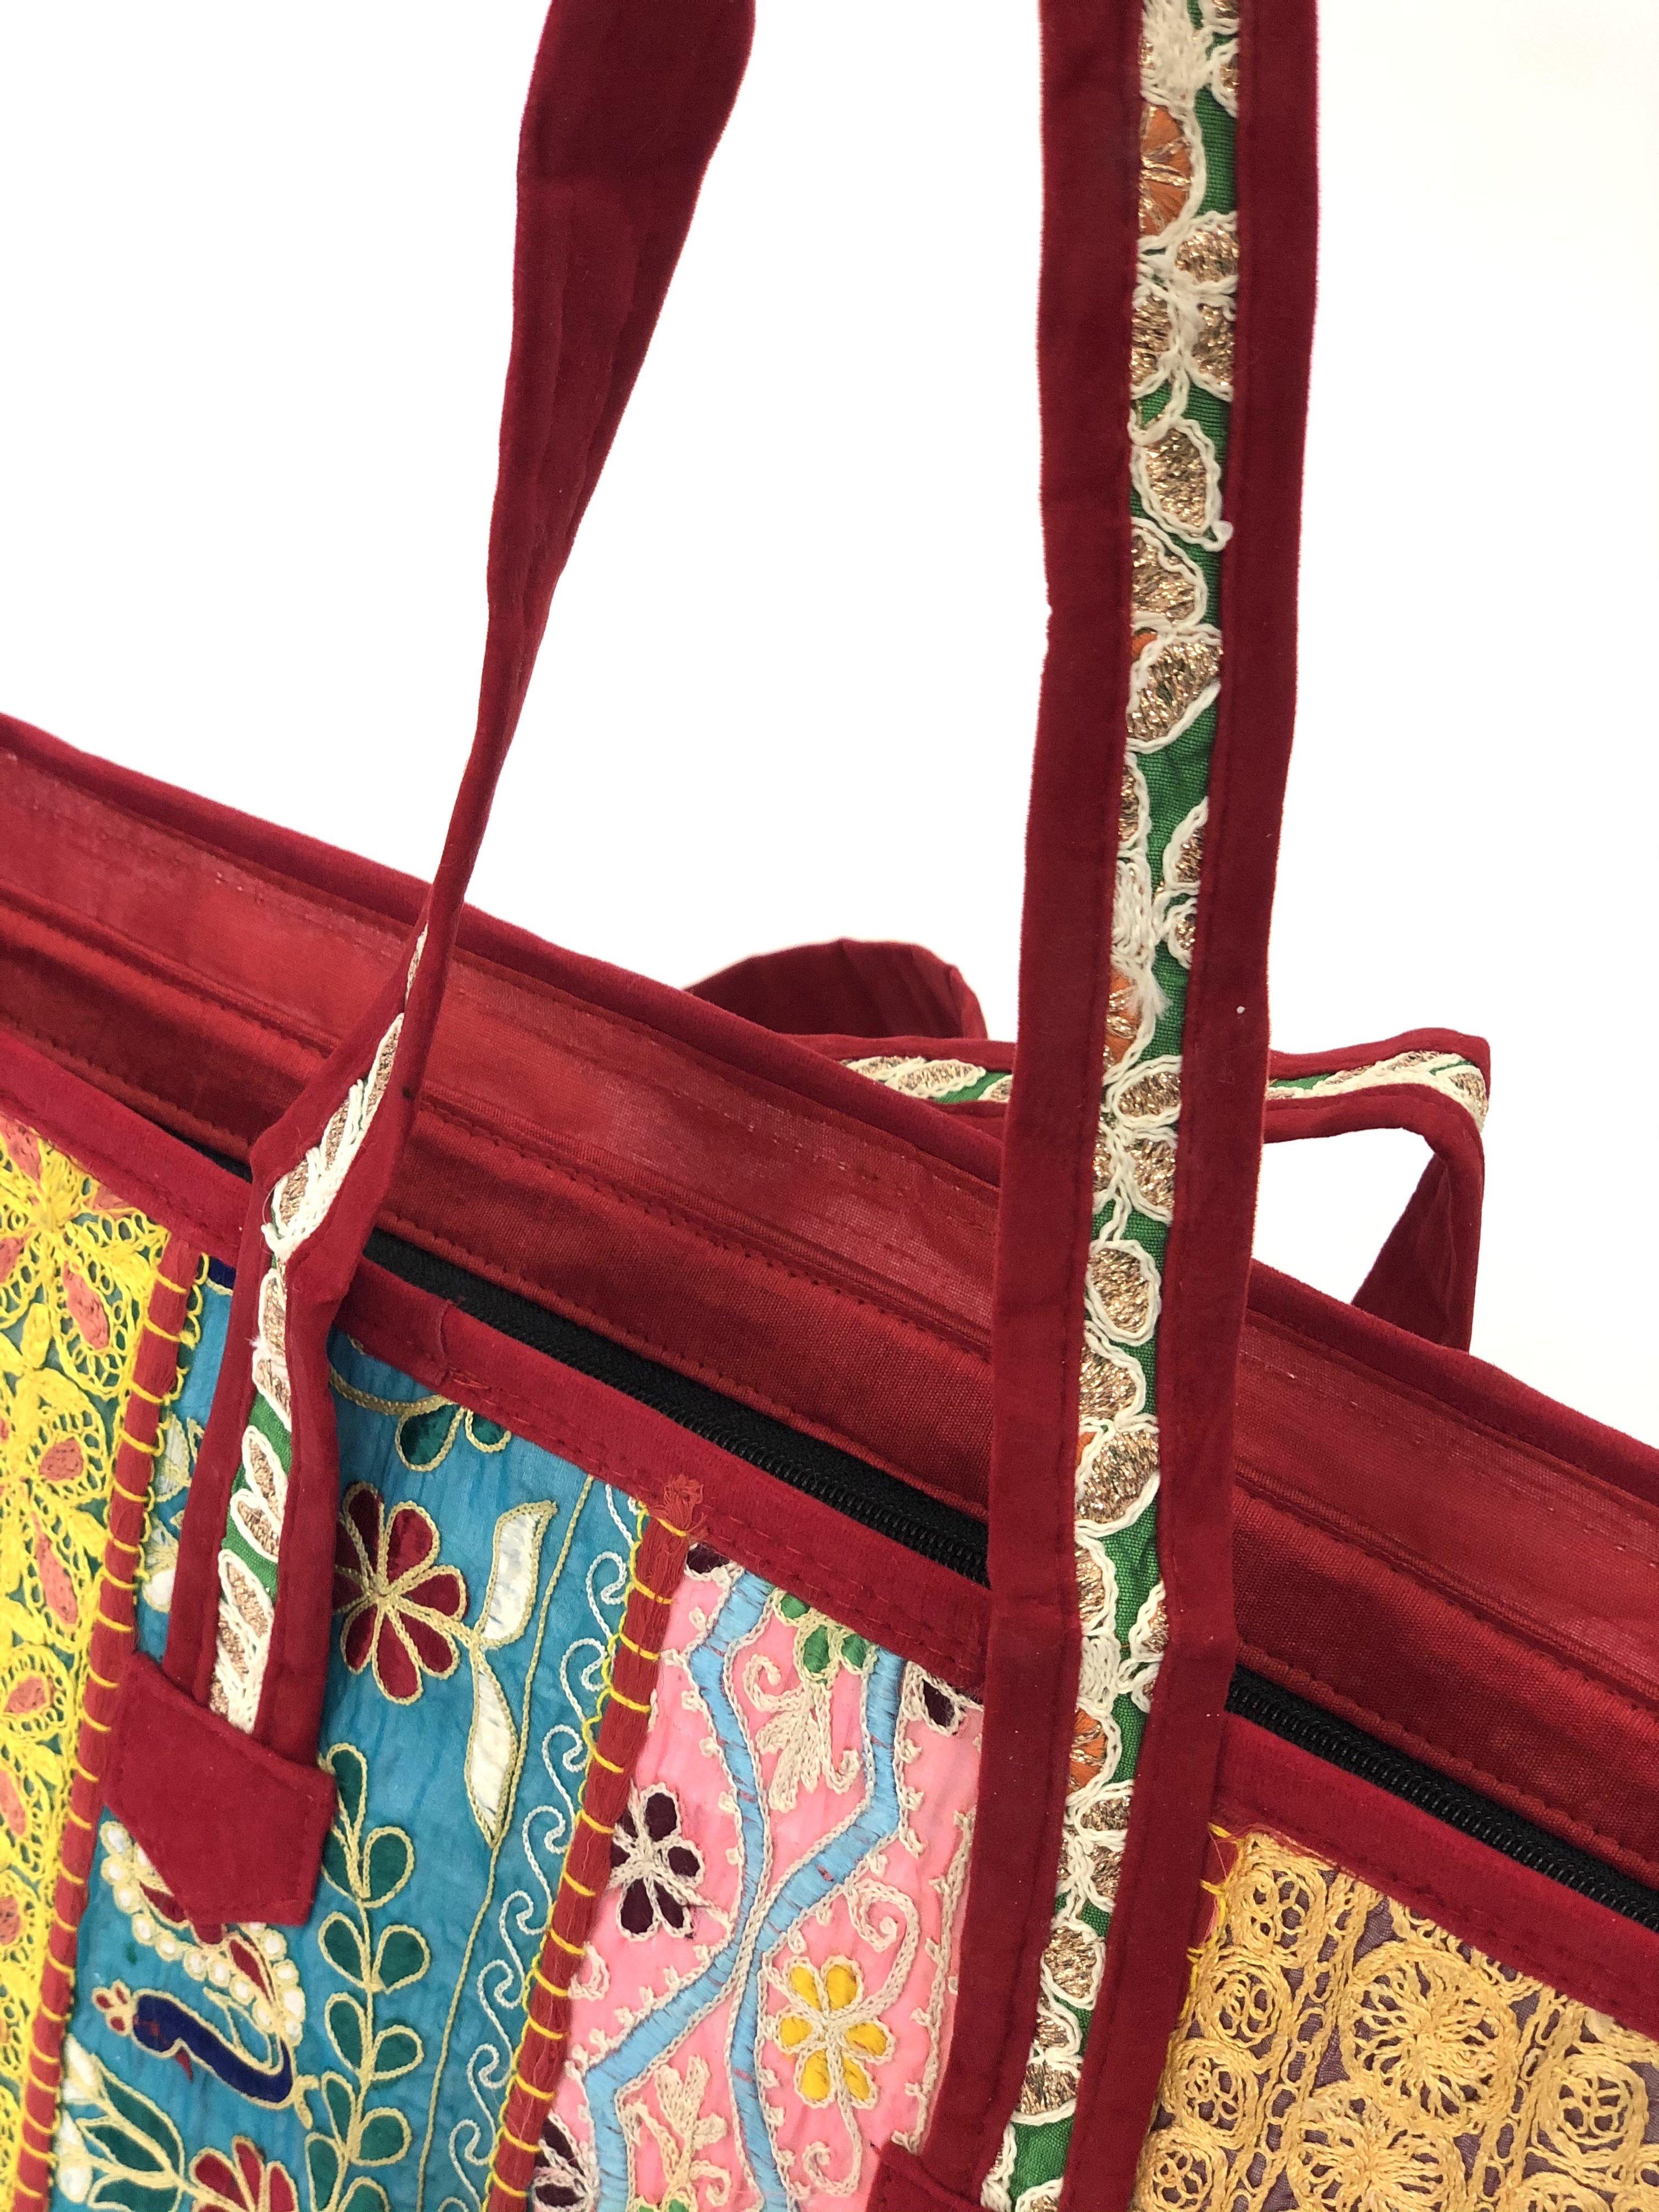 bag_vintage_red_1